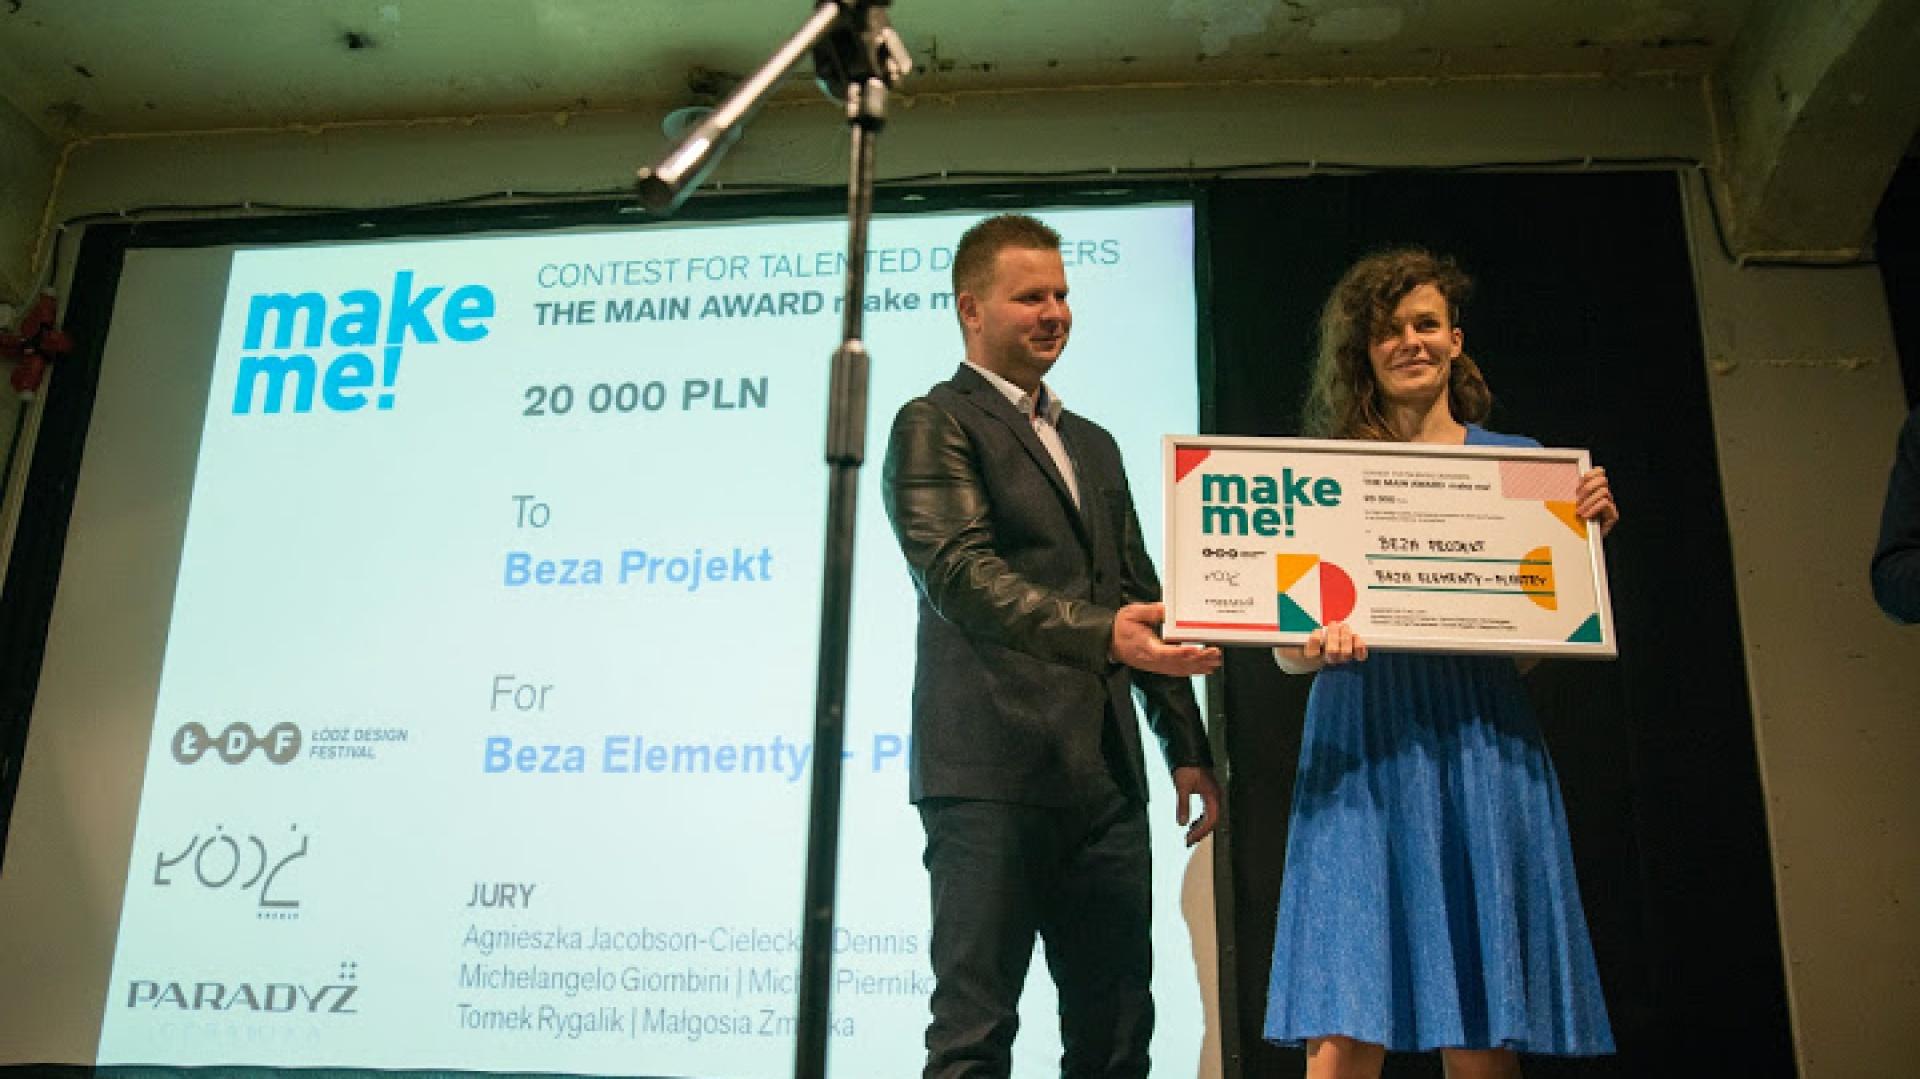 Beza Projekt - zwyciężczyni konkursu make me! w 2013 roku. Fot. Łódź Design Festival